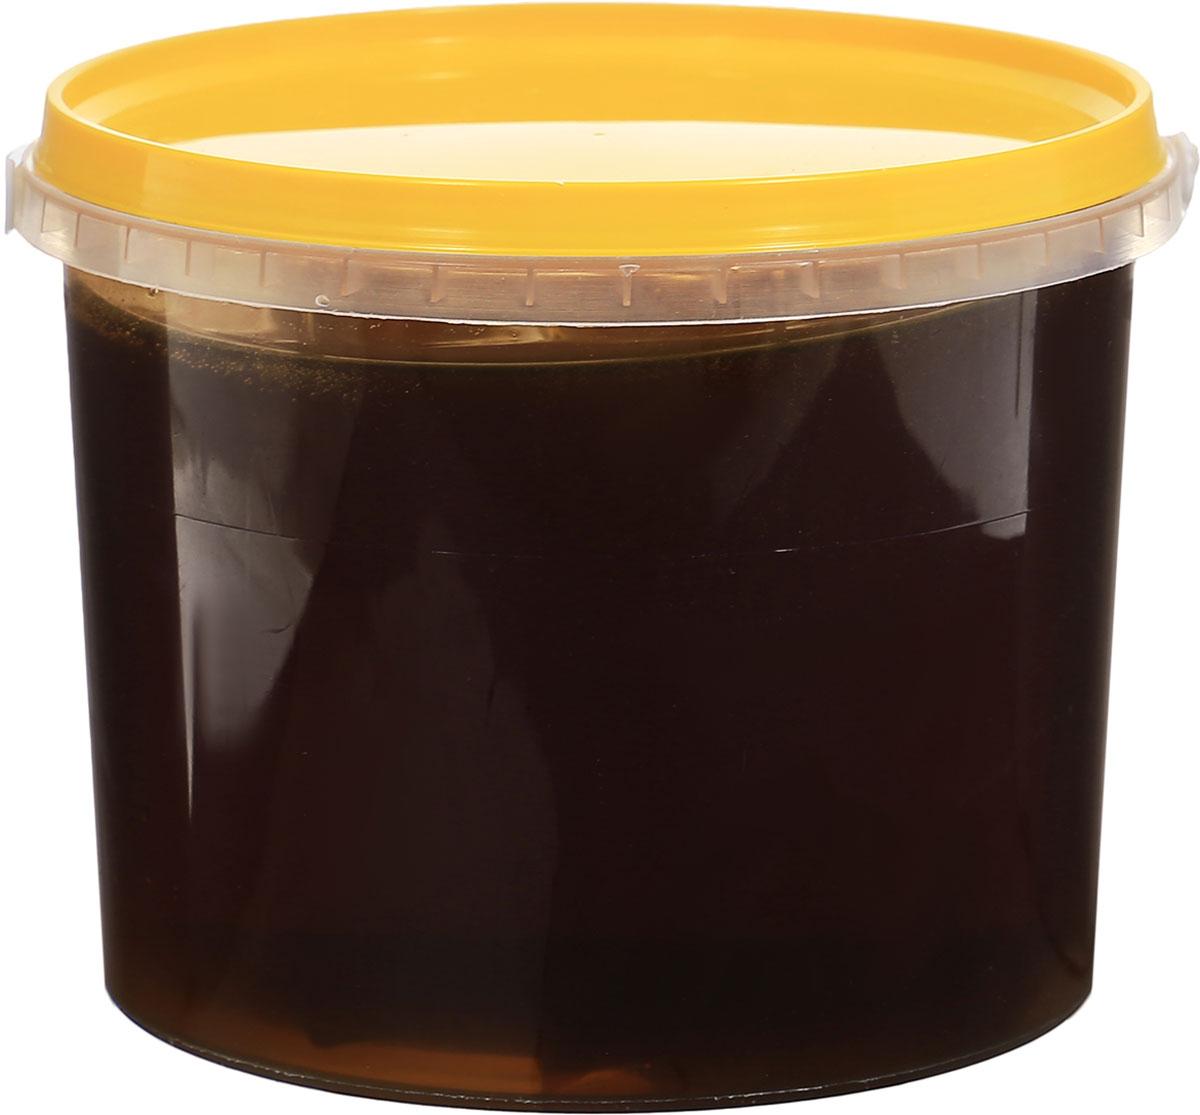 Медовед мед натуральный гречишный, 1 кг4627123647521Гречишный мед - это так называемый монофлерный сорт, который получают из цветов одного растения, в данном случае гречихи.Мед из гречихи богат простыми сахарами, в то время как жиров в нем почти нет. Натуральные компоненты, входящие в его состав, помогают бороться с бессонницей и стрессом. Благодаря относительно высокому содержанию железа, гречишный мед с успехом используется при первичной и вторичной формах анемии. Полезно употреблять в разумных количествах женщинам в детородном возрасте. Как известно, в этот период организм нуждается в повышенном количестве железа. Другое свойство данного продукта пчеловодства - слабый мочегонный эффект. Поэтому его целесообразно принимать при заболеваниях почек, цистите, гипертонической болезни. Простые легкоусваиваемые сахара стимулируют работу сердечно-сосудистой системы и улучшают мозговую деятельность. Хорошо утоляет тягу к сладостям и поддерживает обмен веществ на нормальном уровне без вреда для здоровья.Целебные сорта мёда. Статья OZON Гид